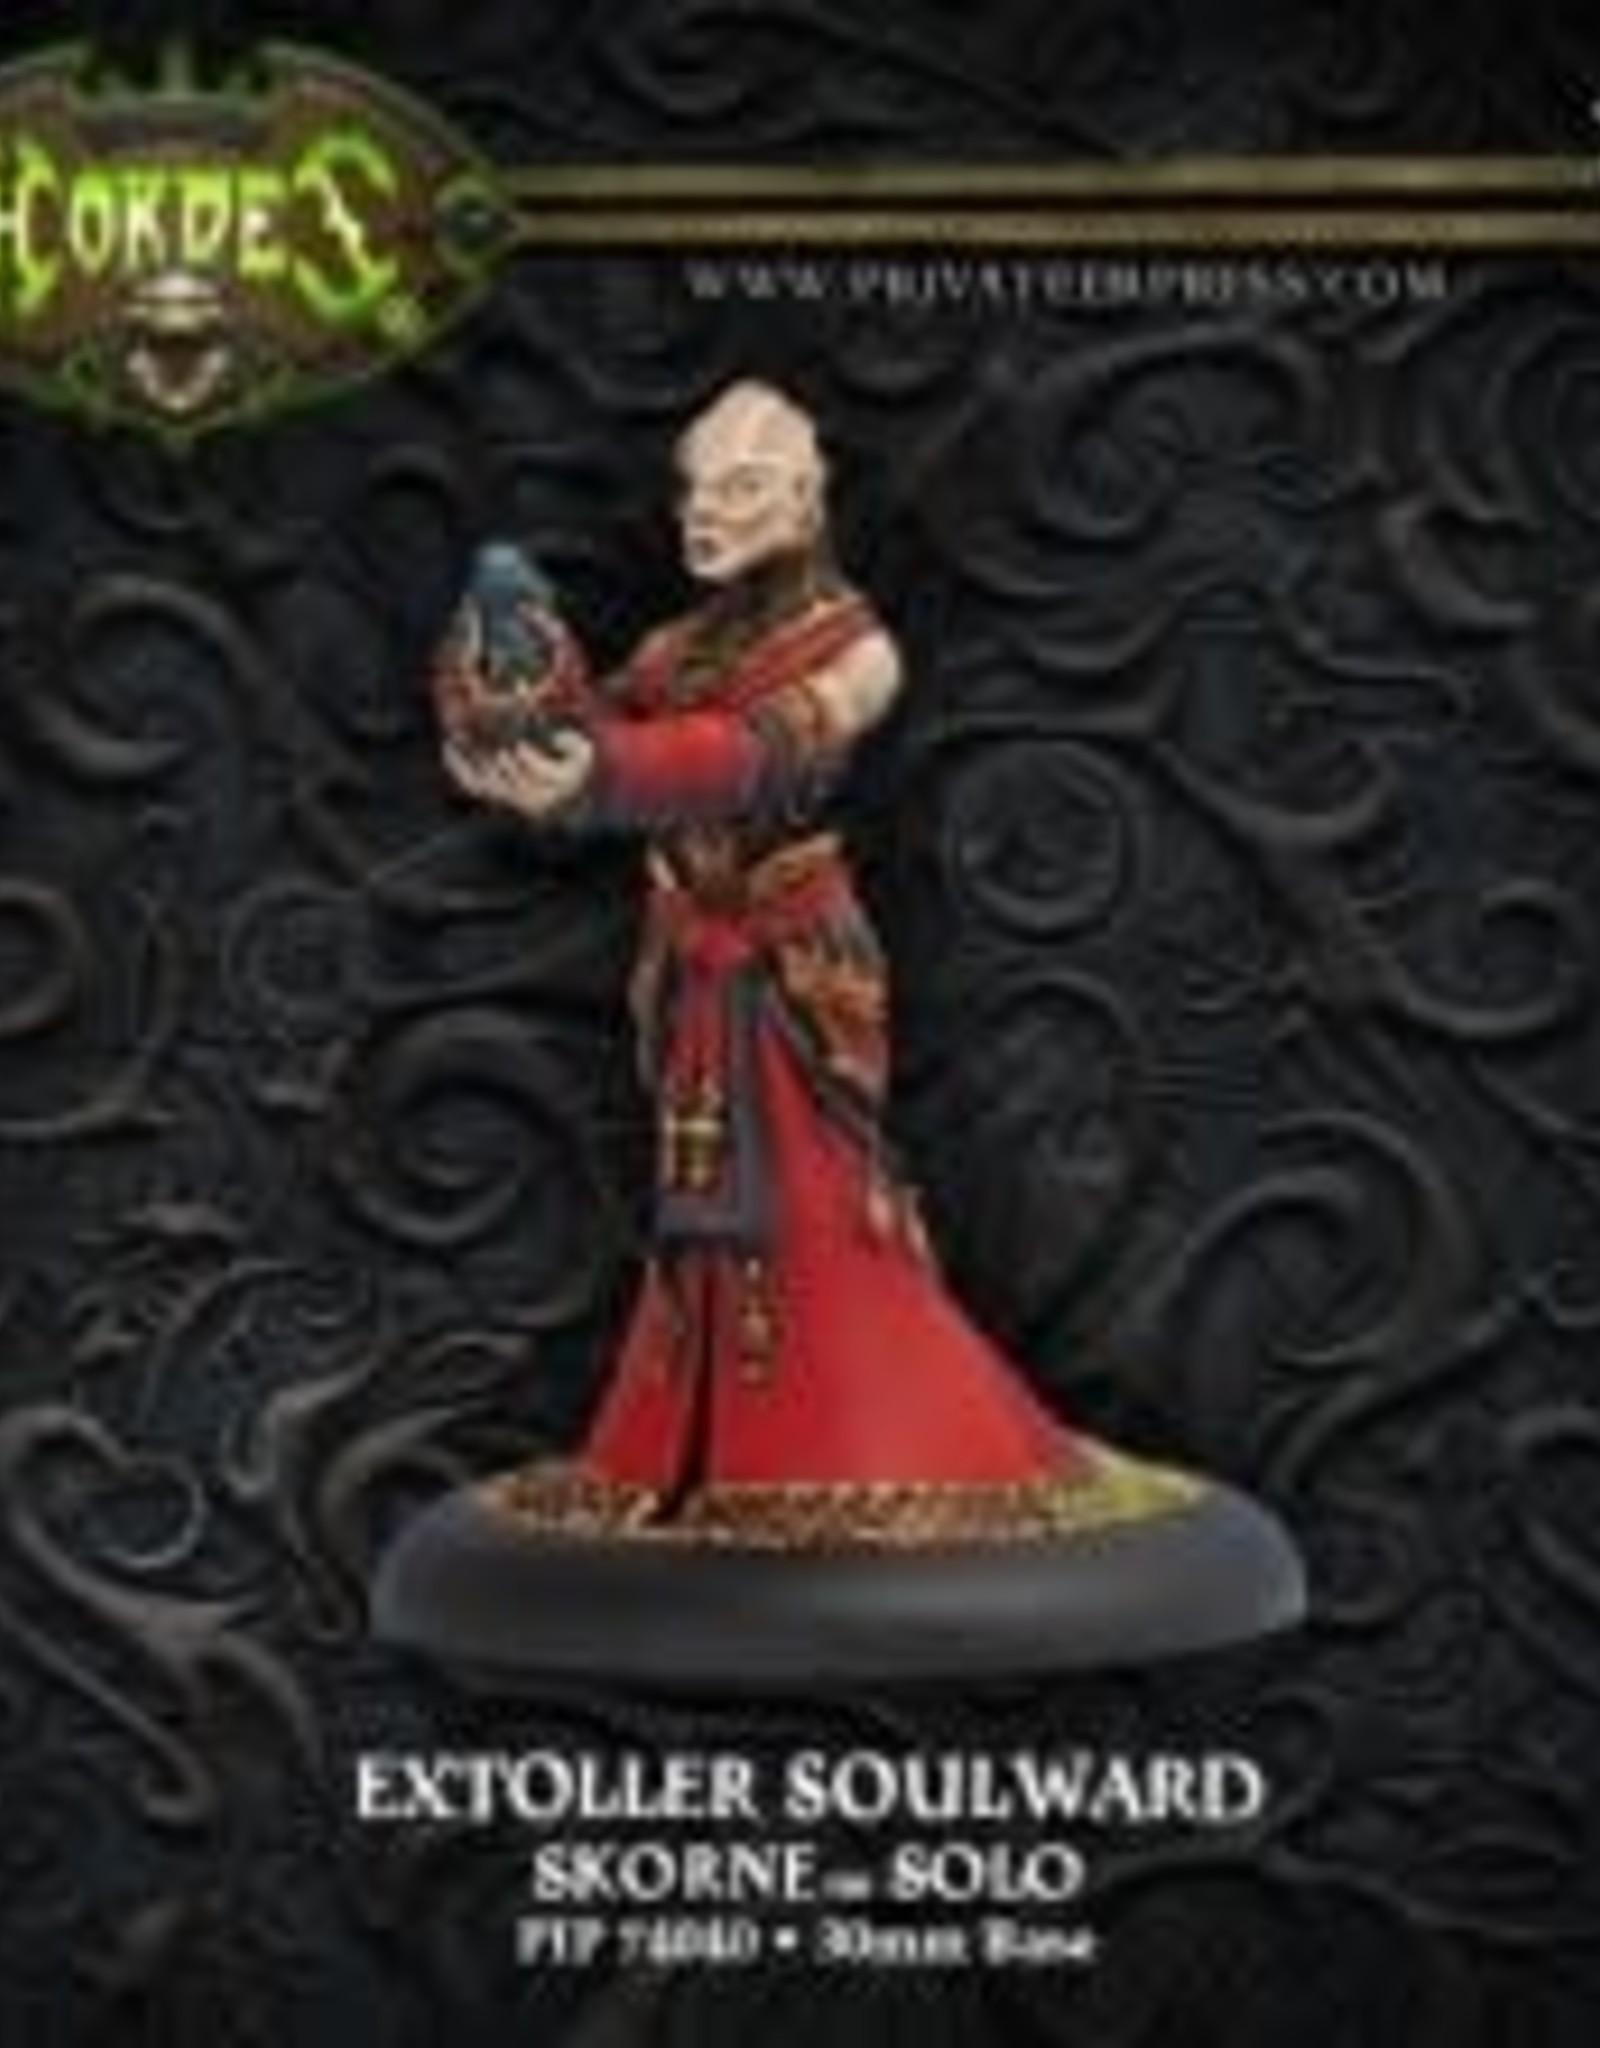 Hordes Skorne - Extoller Soulward